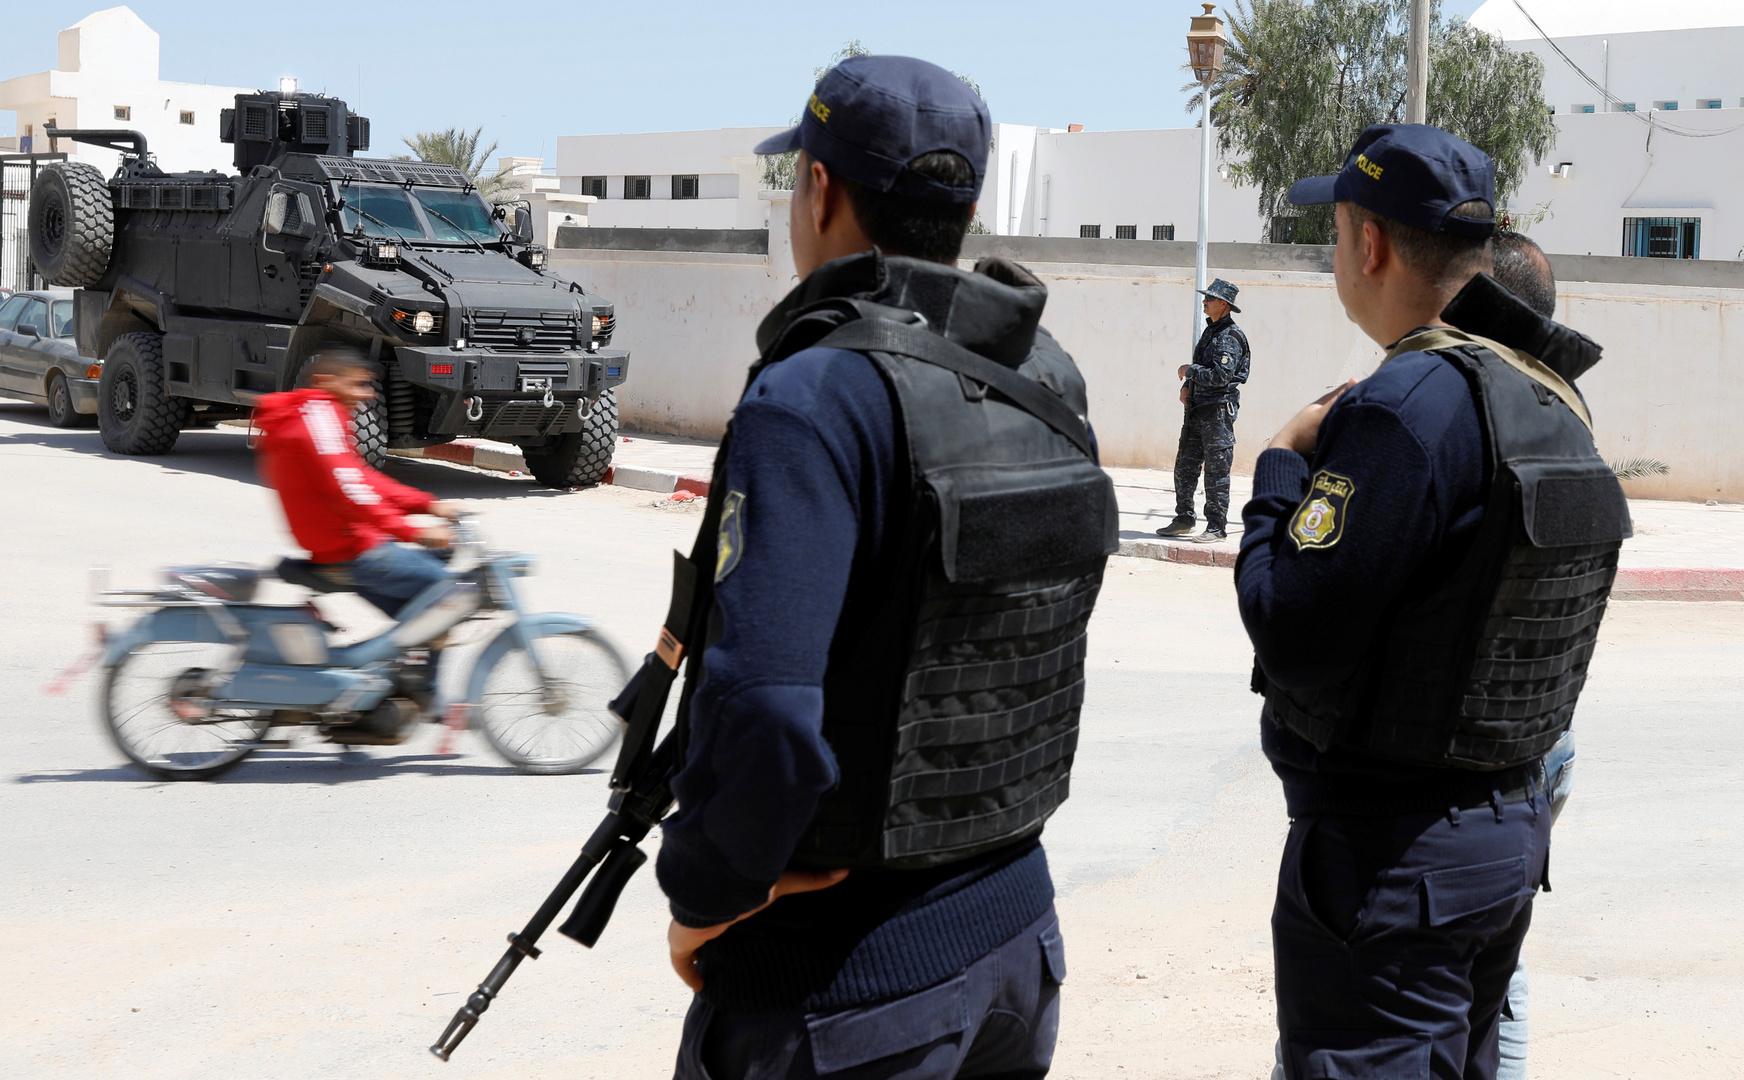 الداخلية التونسية تعلن مصادرة كمية من الأسلحة في جنوب البلاد قادمة من تركيا باتجاه ليبيا